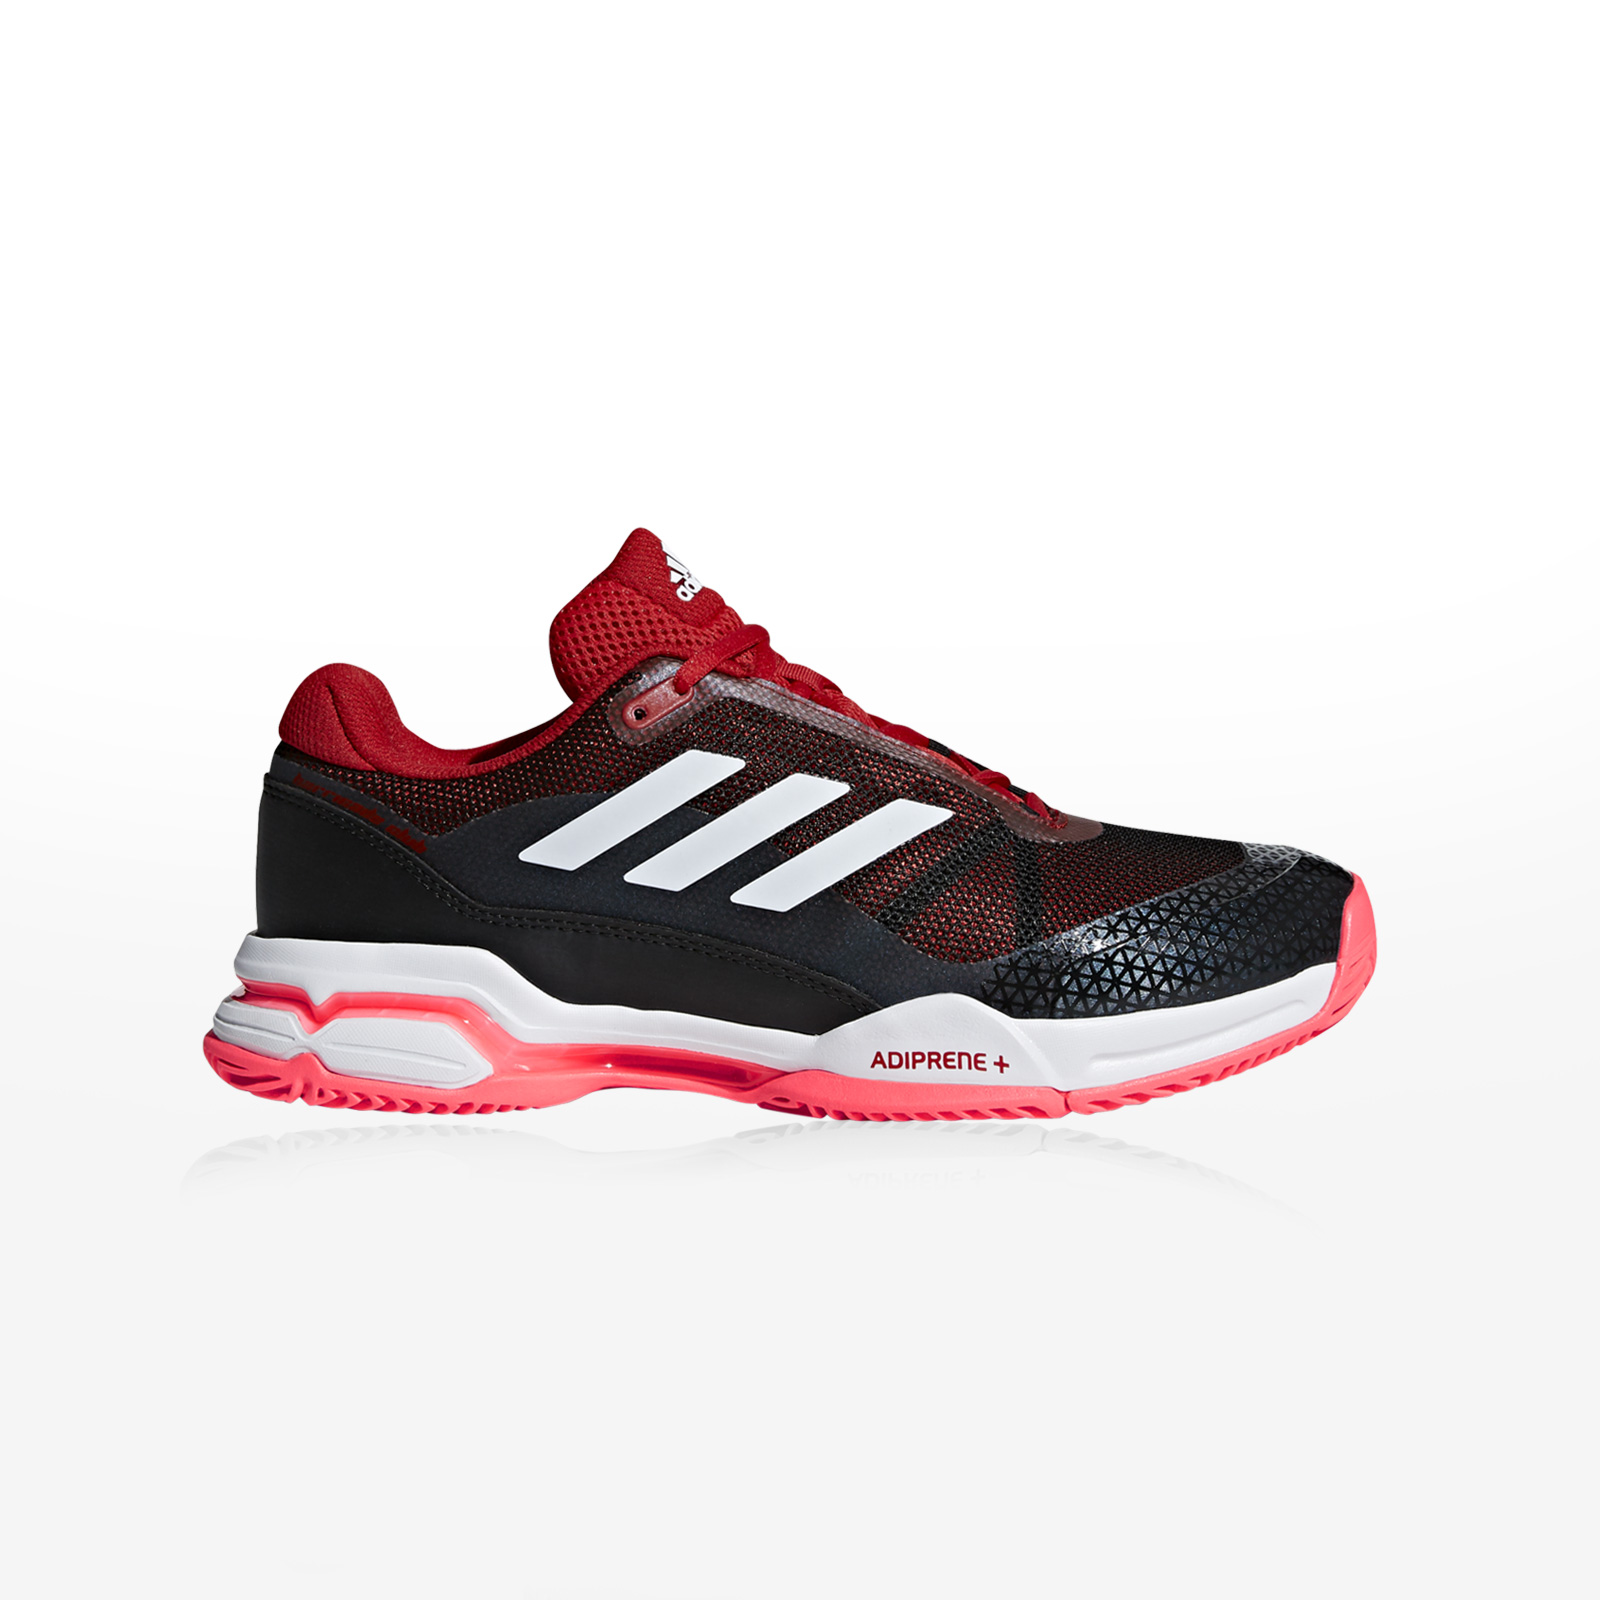 5216972c684 -50% Sportcafe adidas – BARRICADE CLUB – SCARLE/FTWWHT/CBLACK